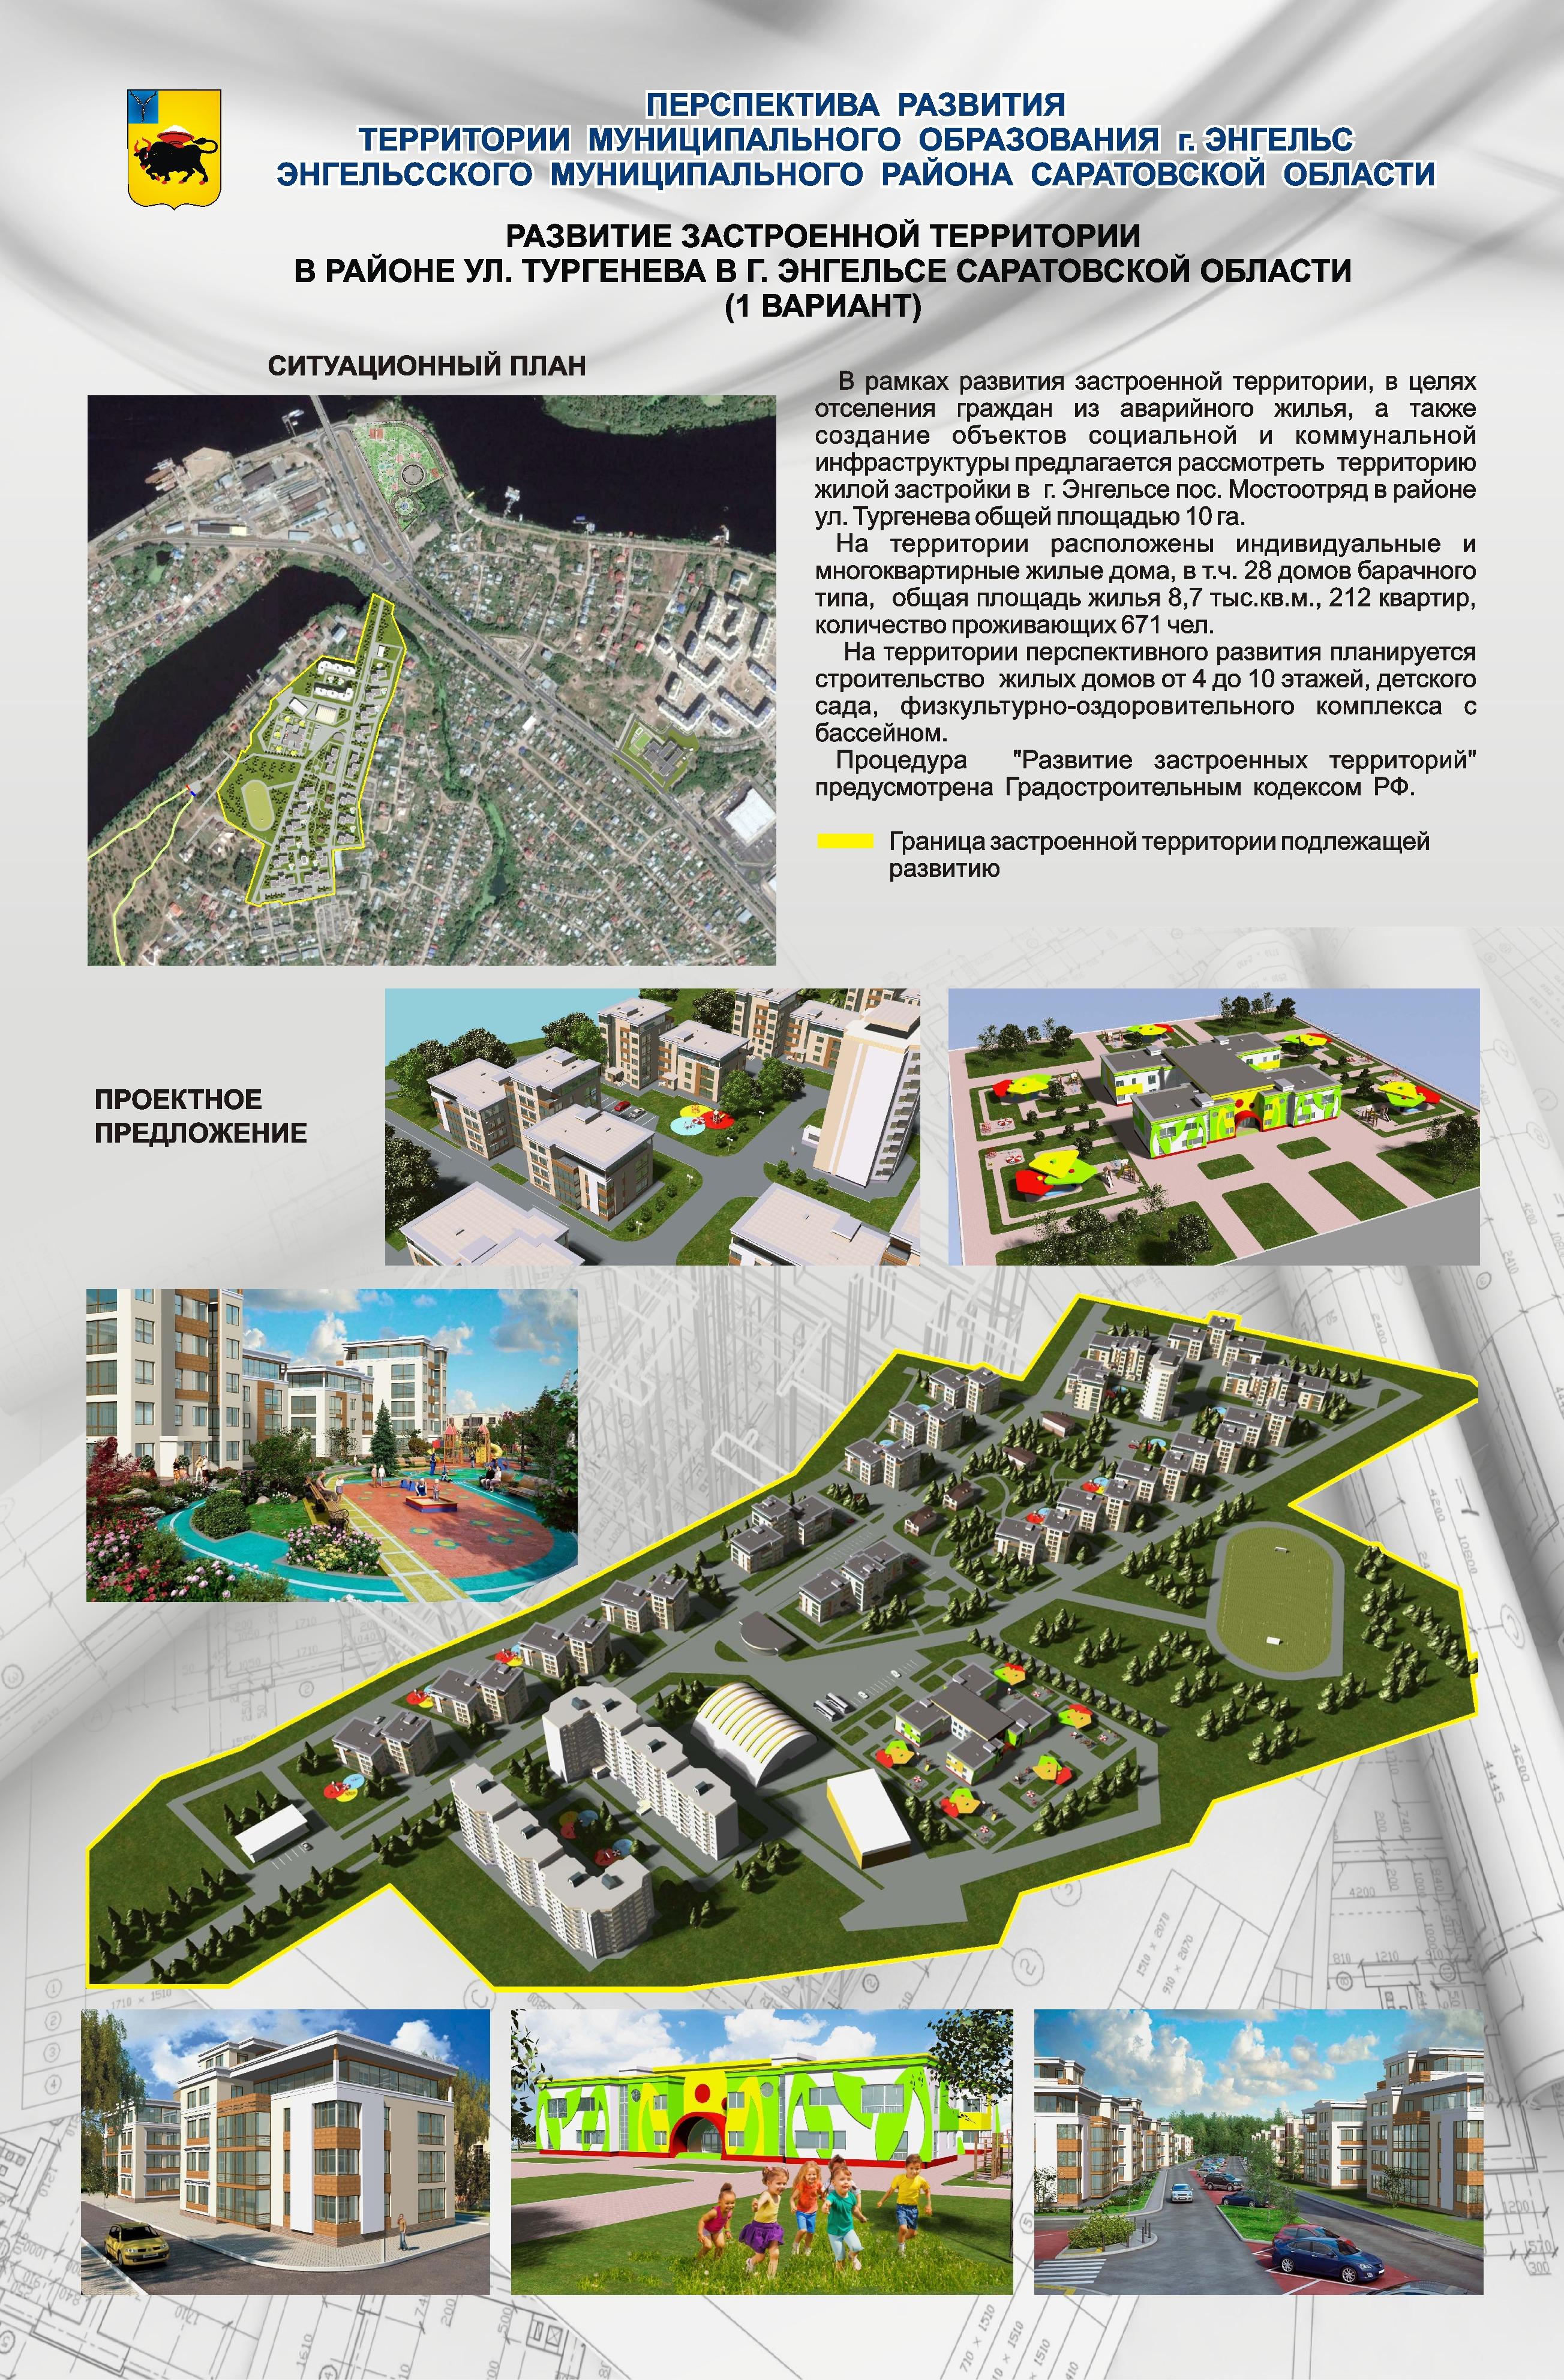 Ул. Тургенева (1 вариант)